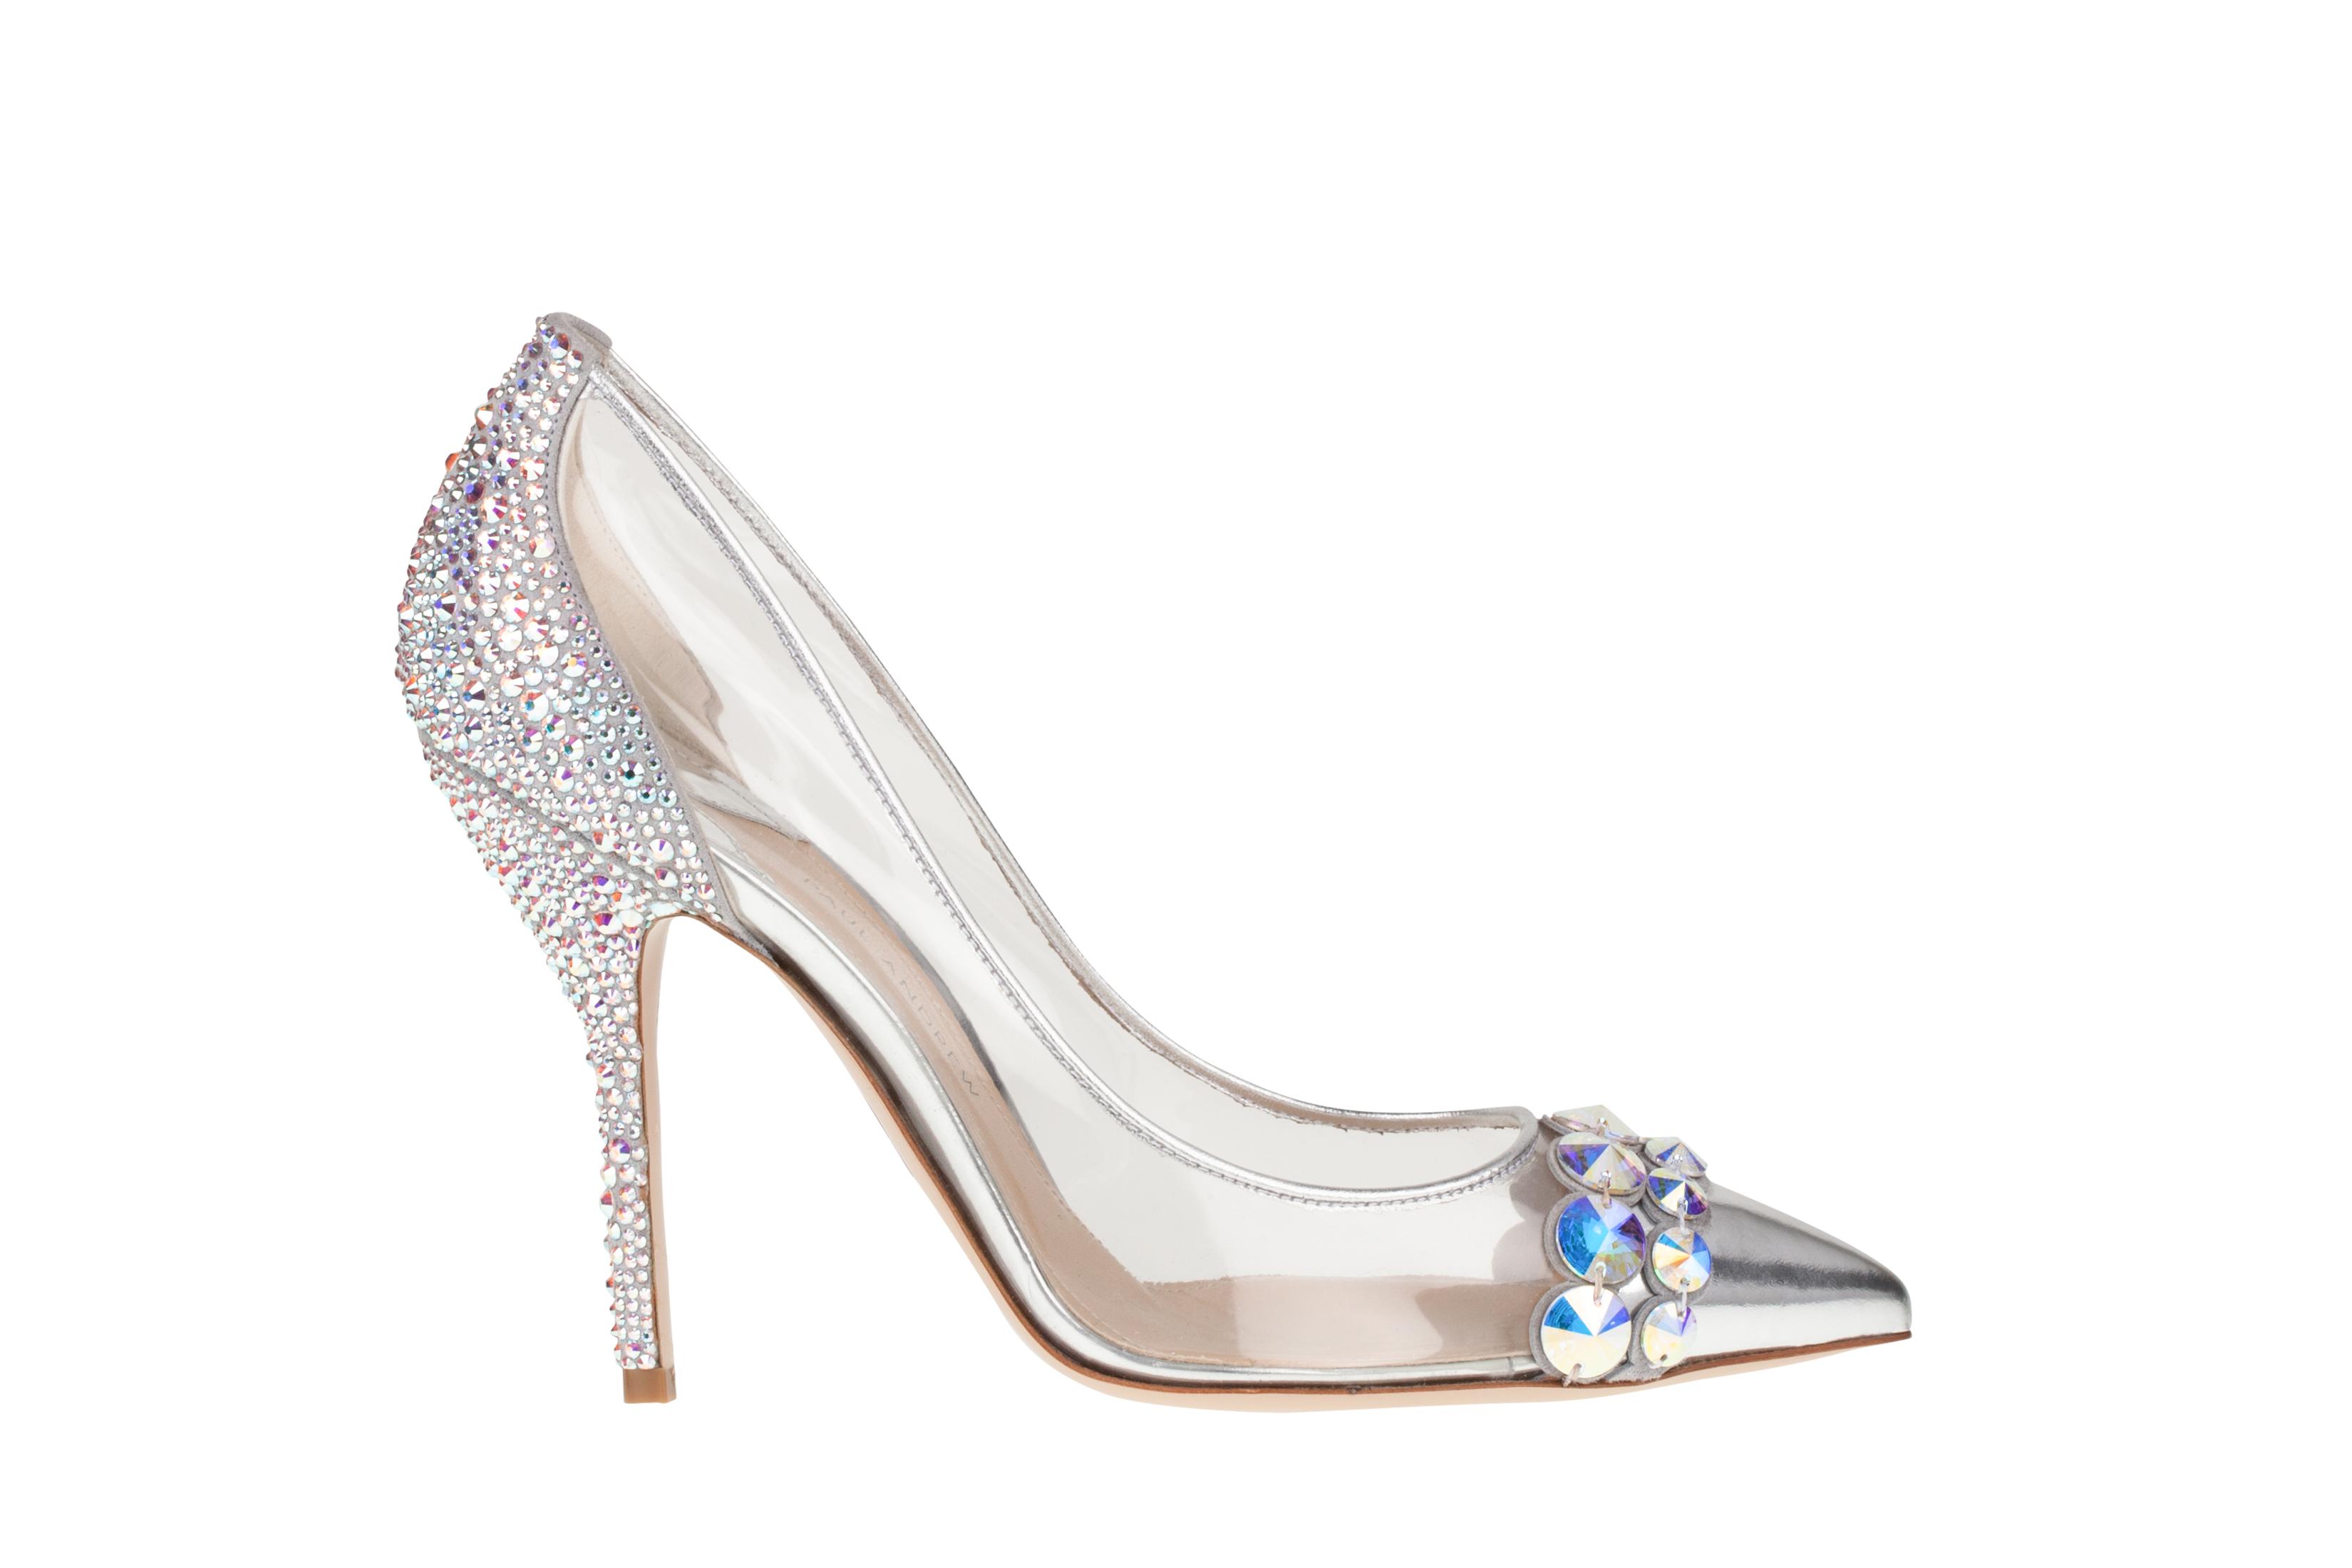 Cinderella Glass Slipper Clipart Wwwtopsimagescom